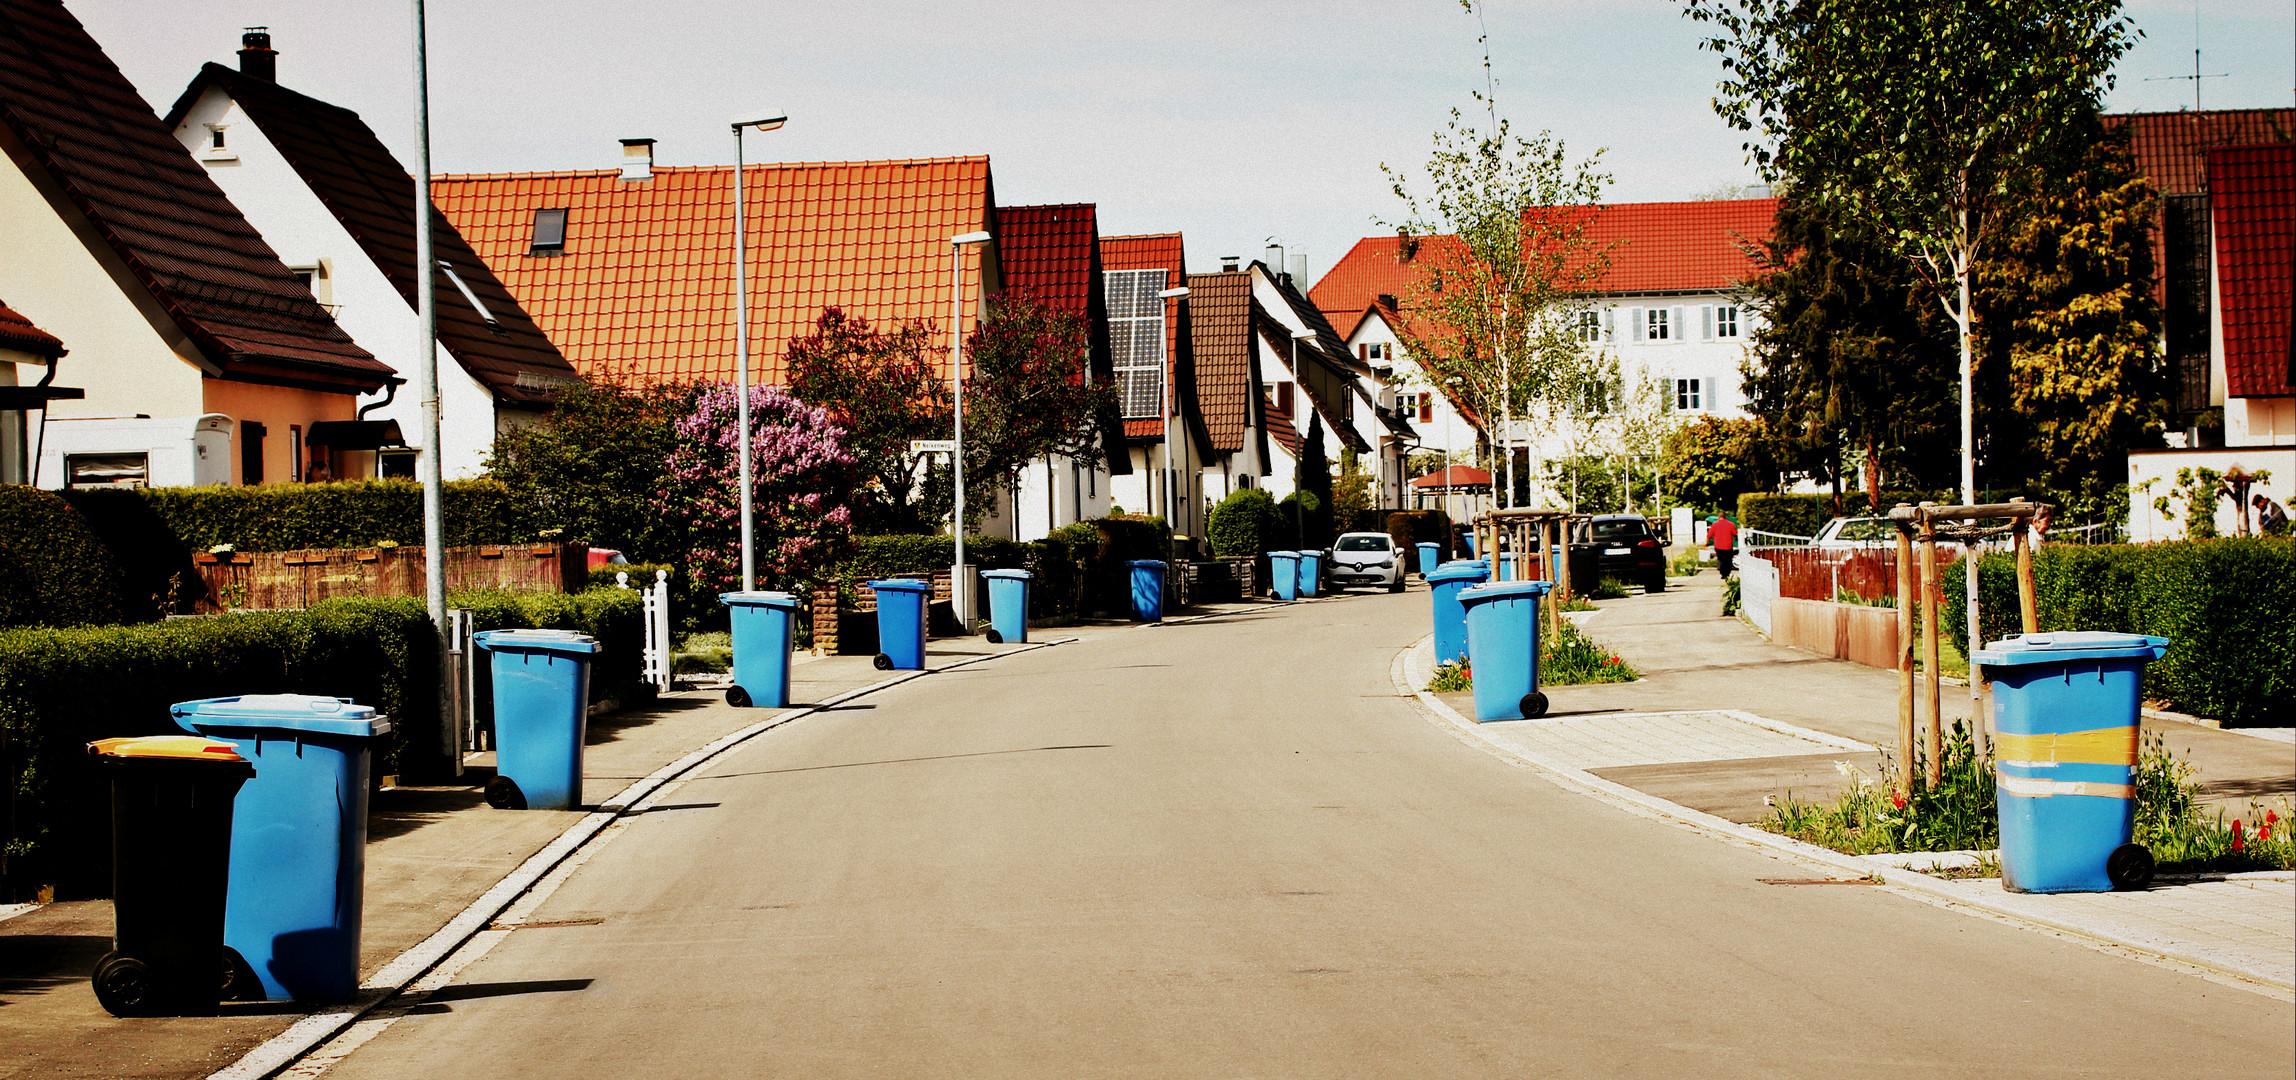 schwäbische Kleinstadt